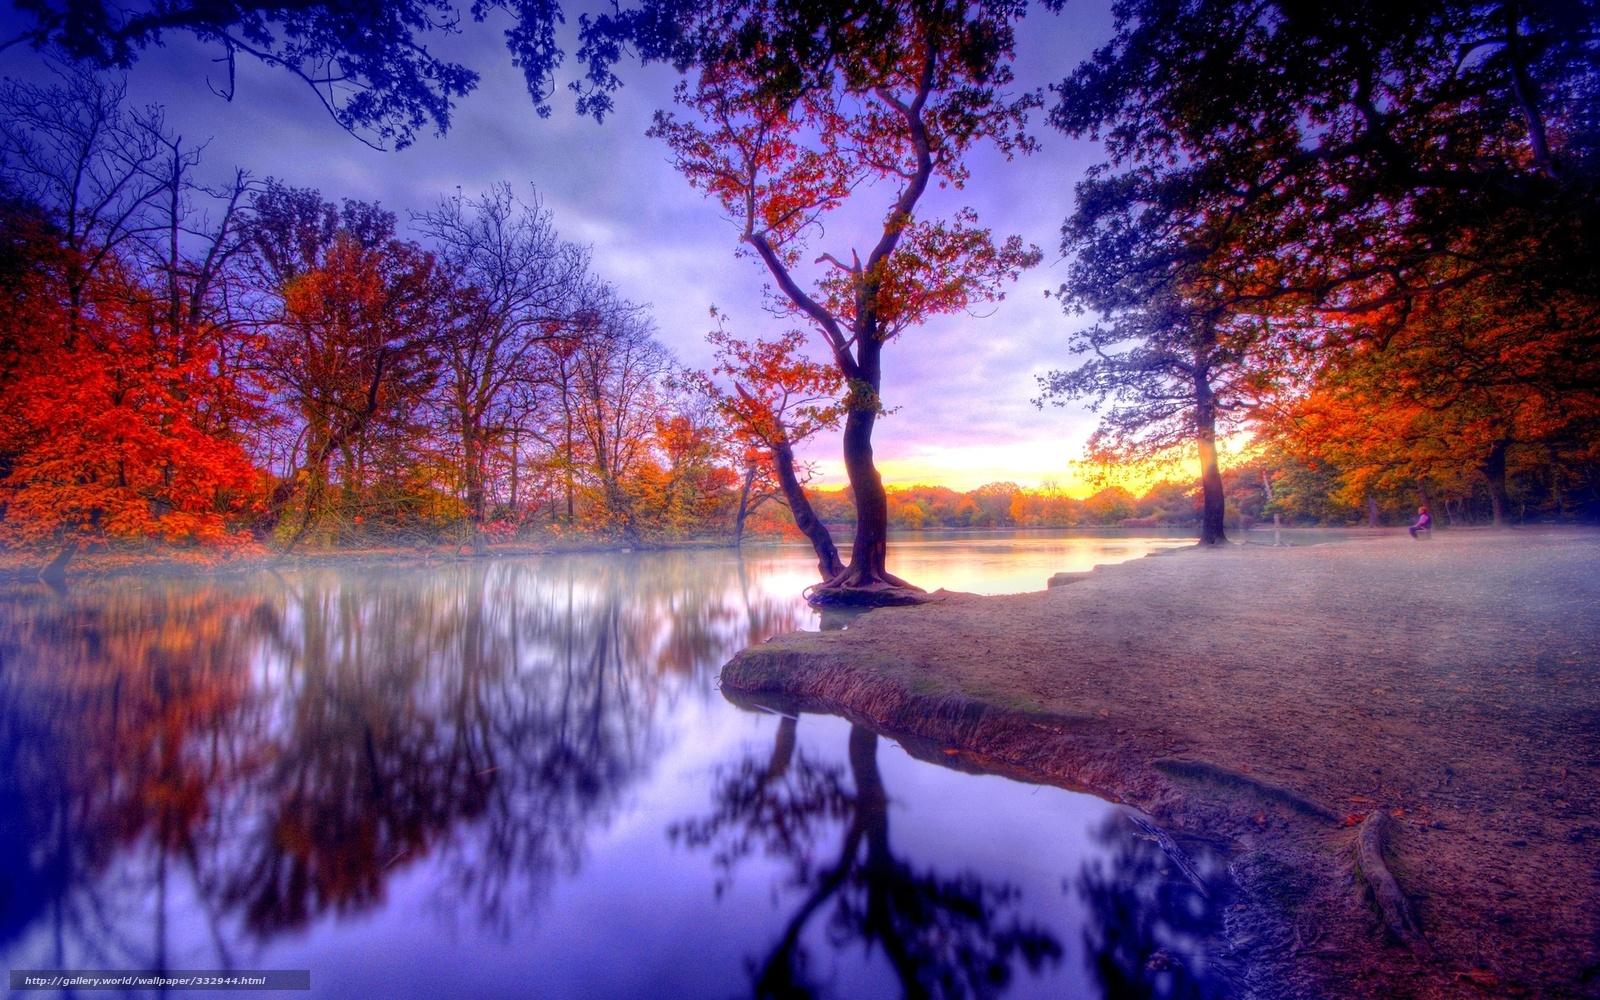 Scaricare gli sfondi natura autunno silenzio sfondi for Immagini natura gratis